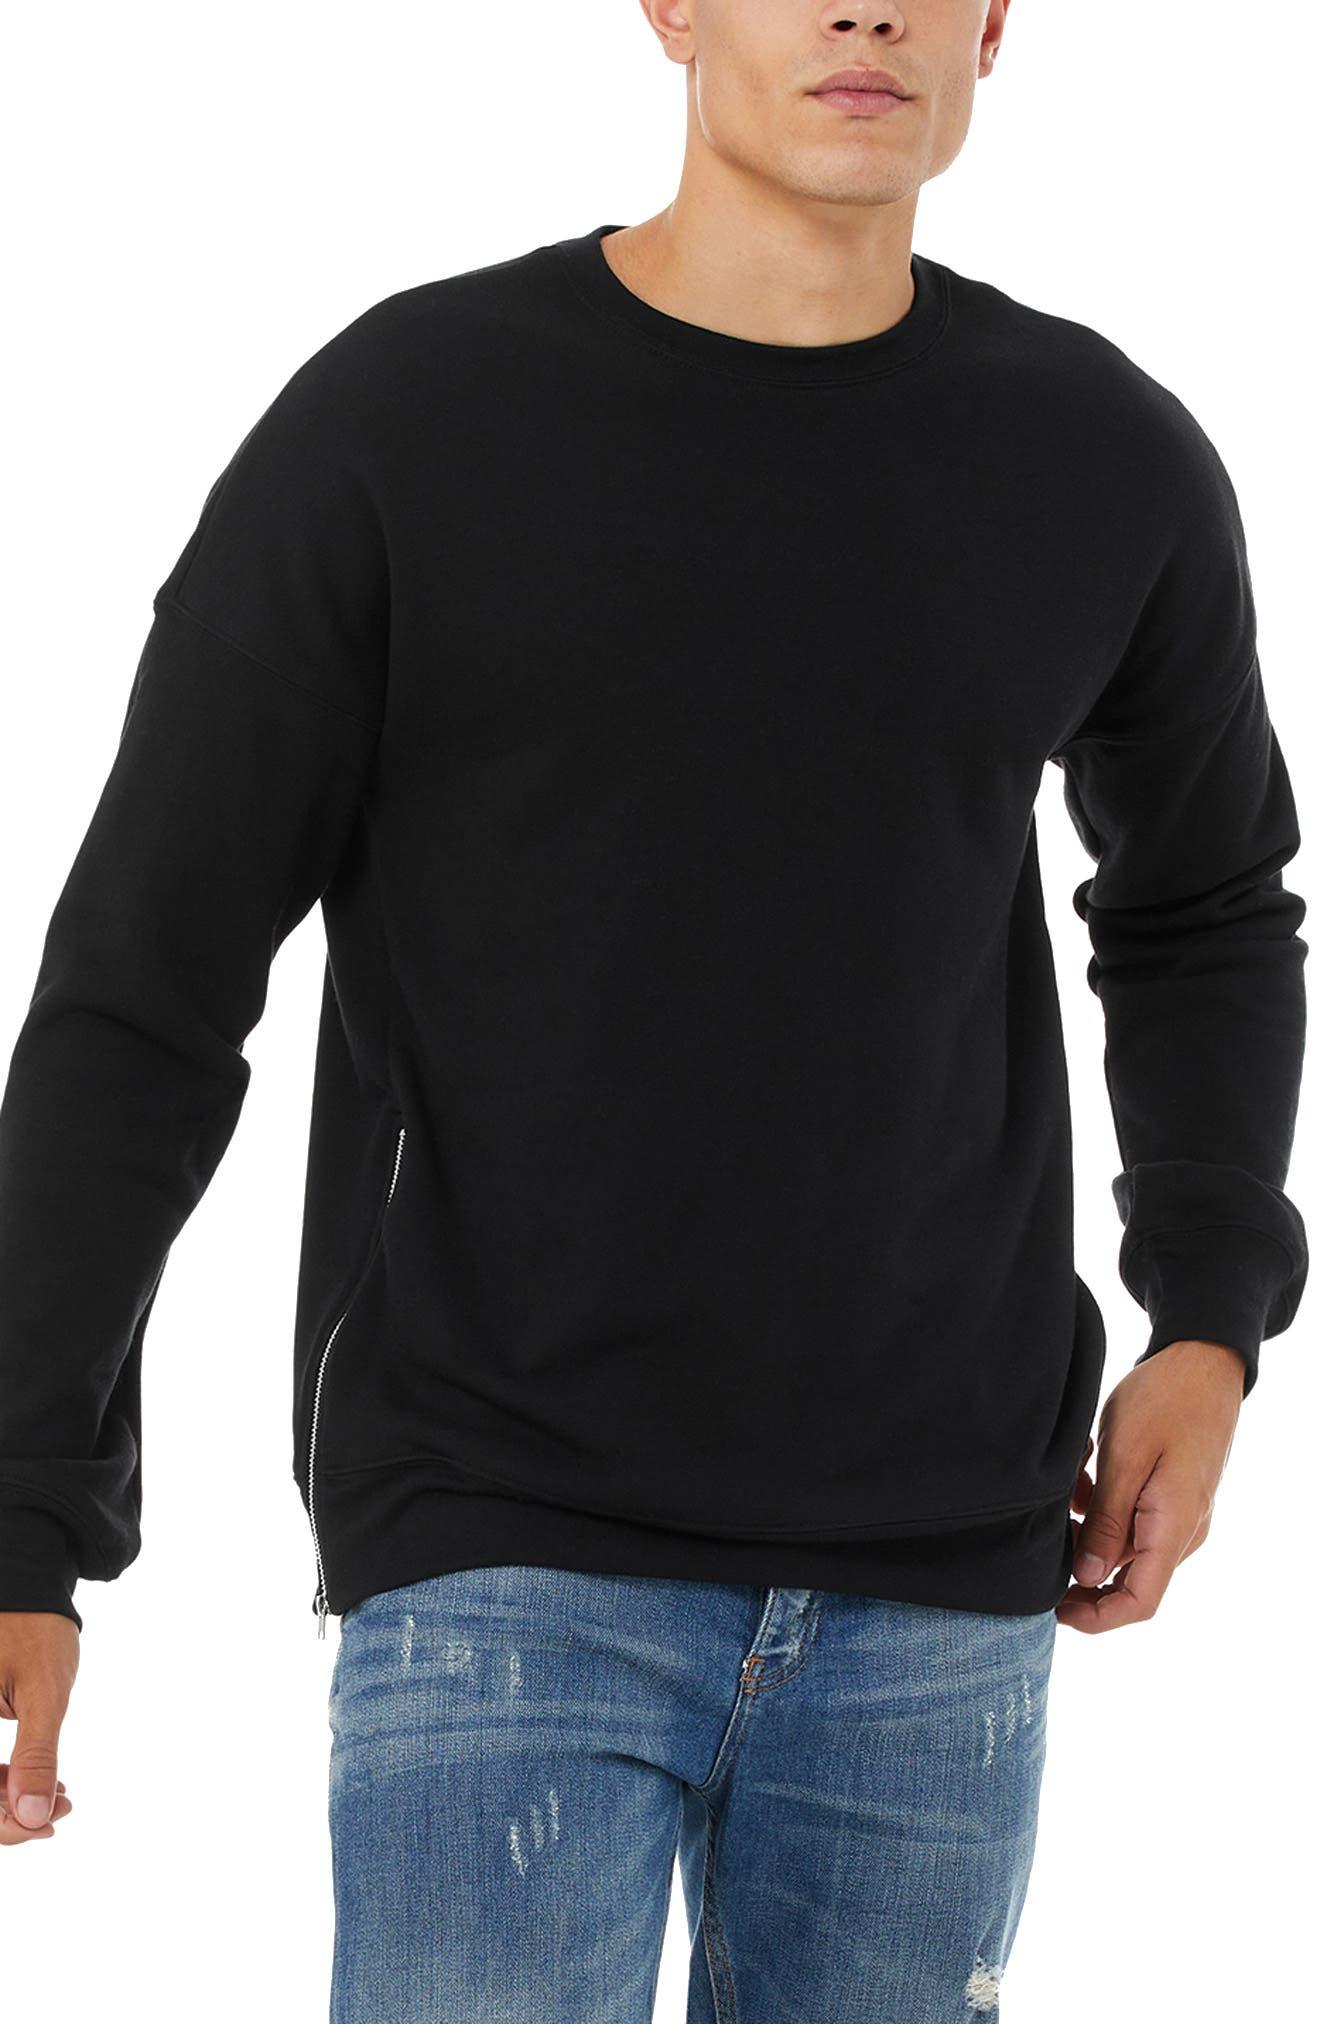 Men's Bella+Canvas Side Zip Sweatshirt